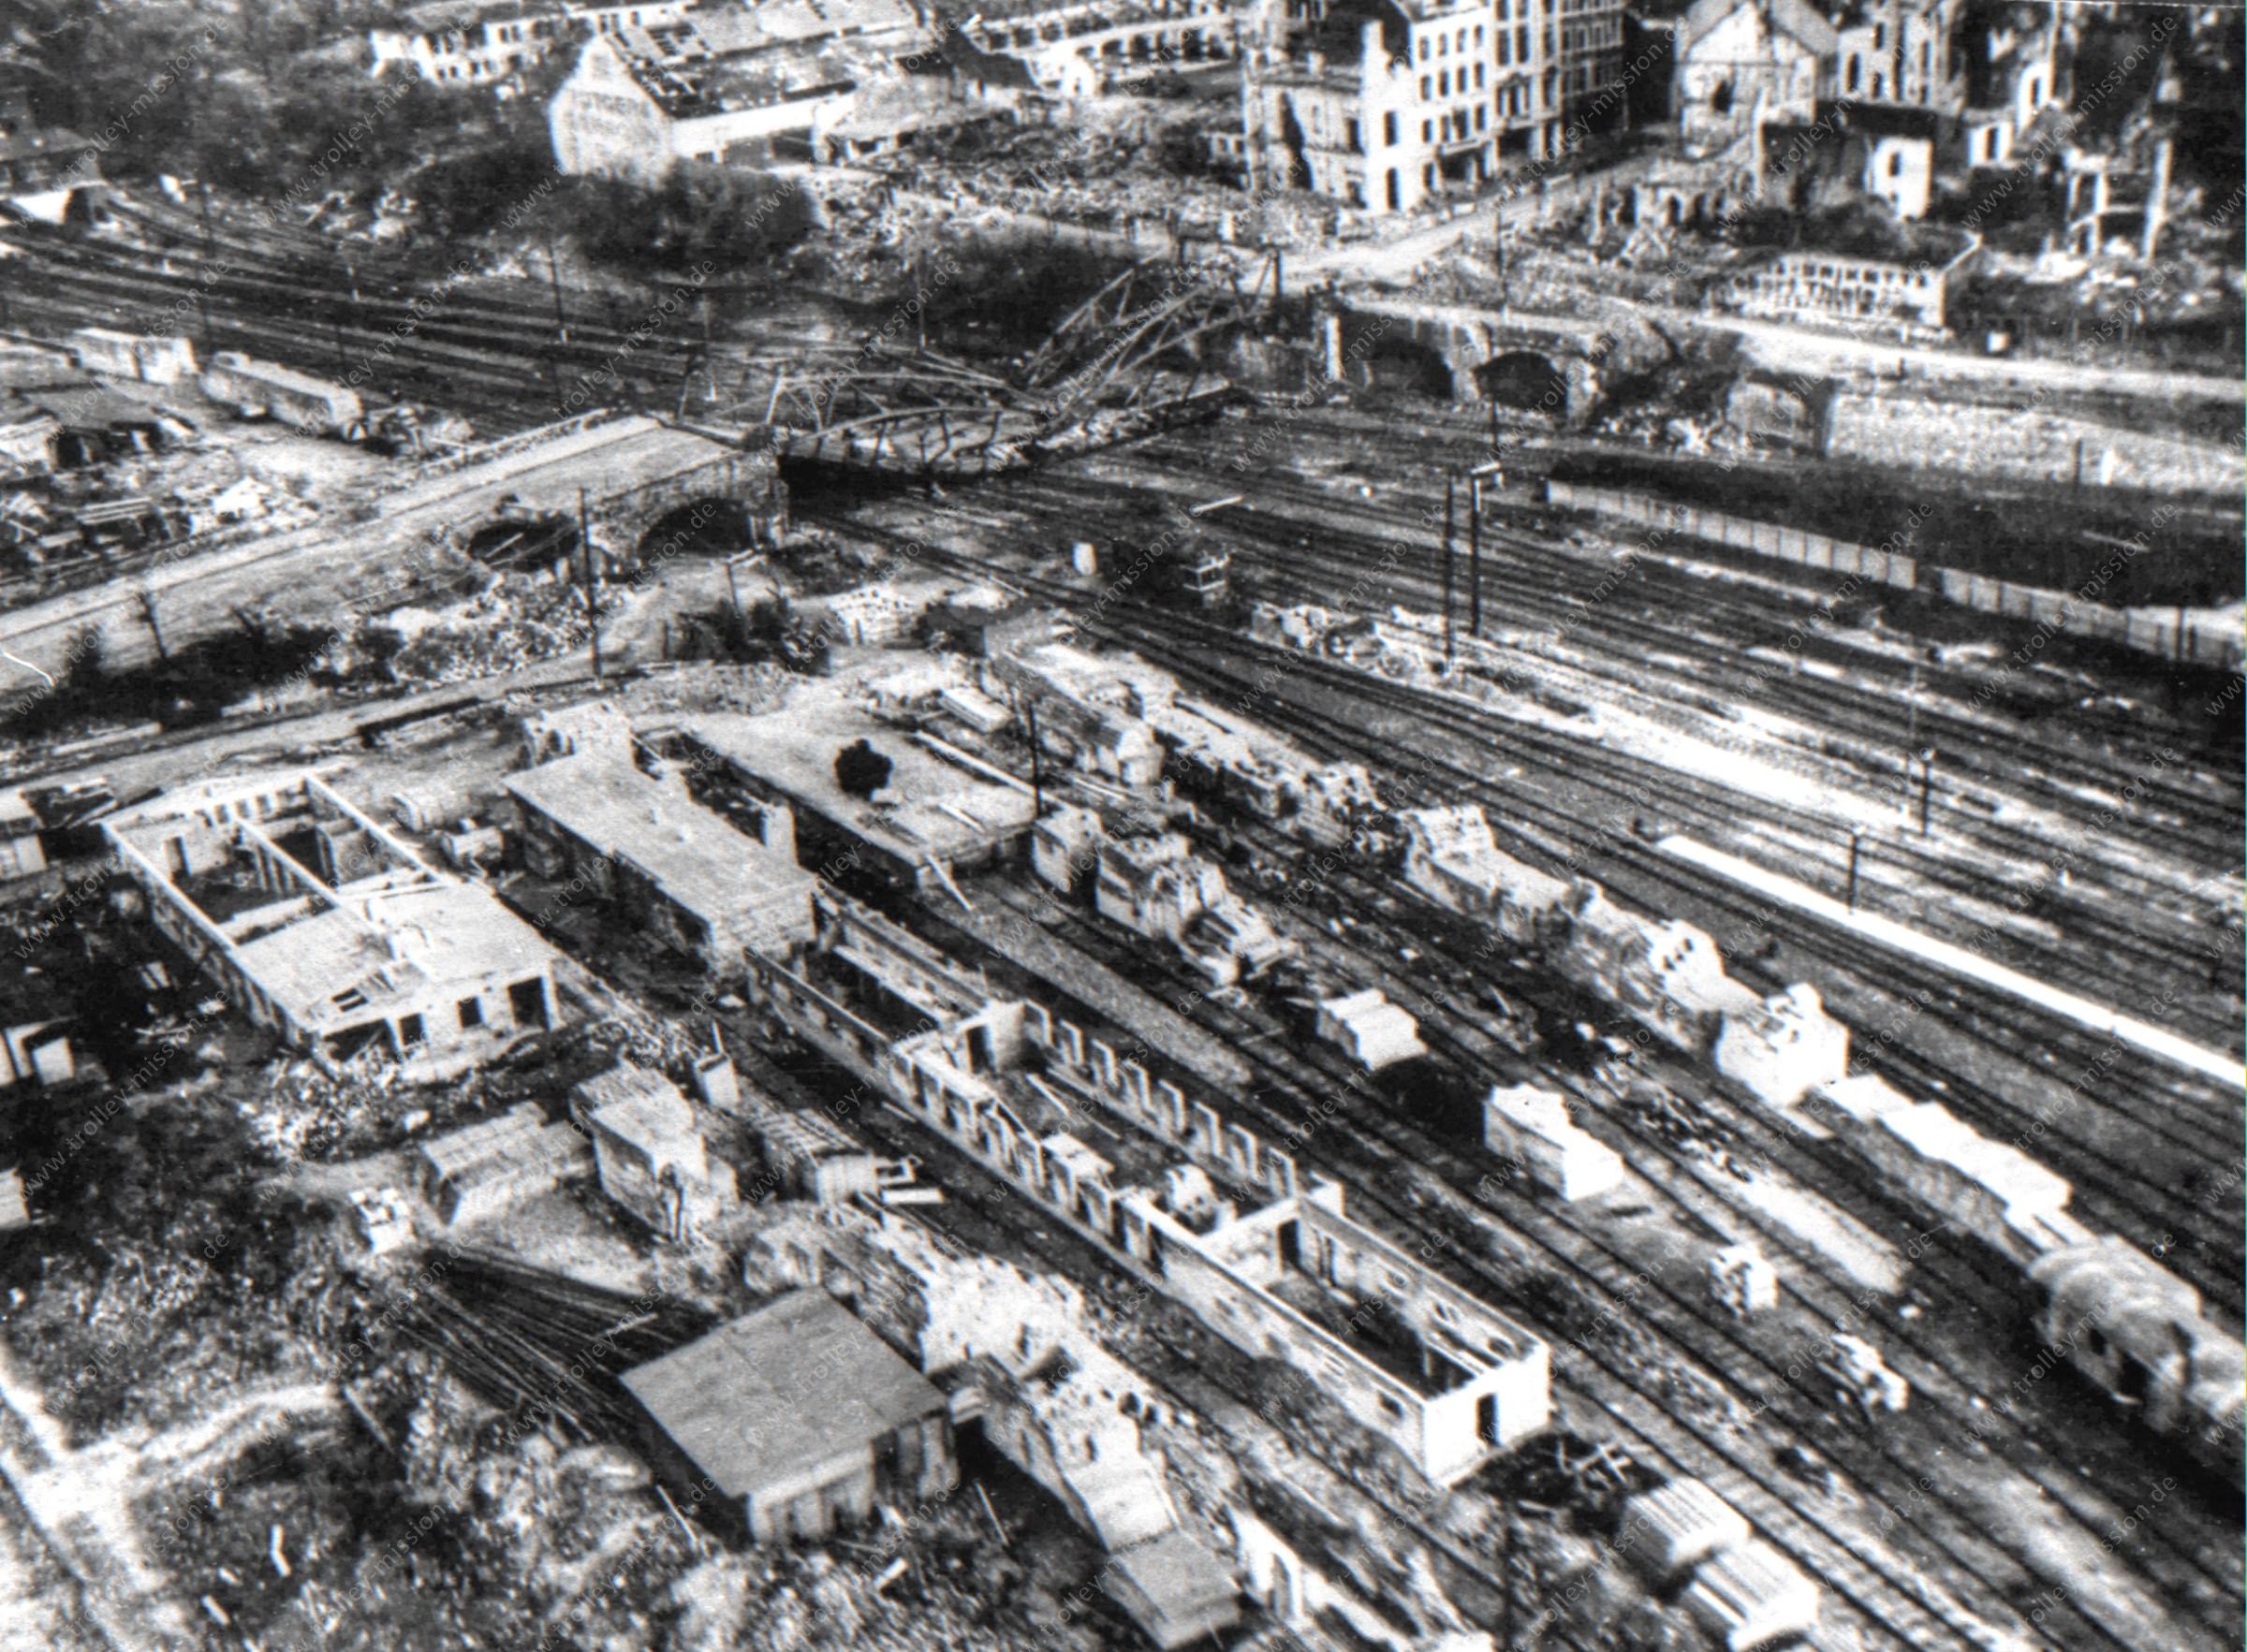 Luftbild Burtscheider Brücke und Burtscheider Straße an der Eisenbahn in Aachen im Mai 1945